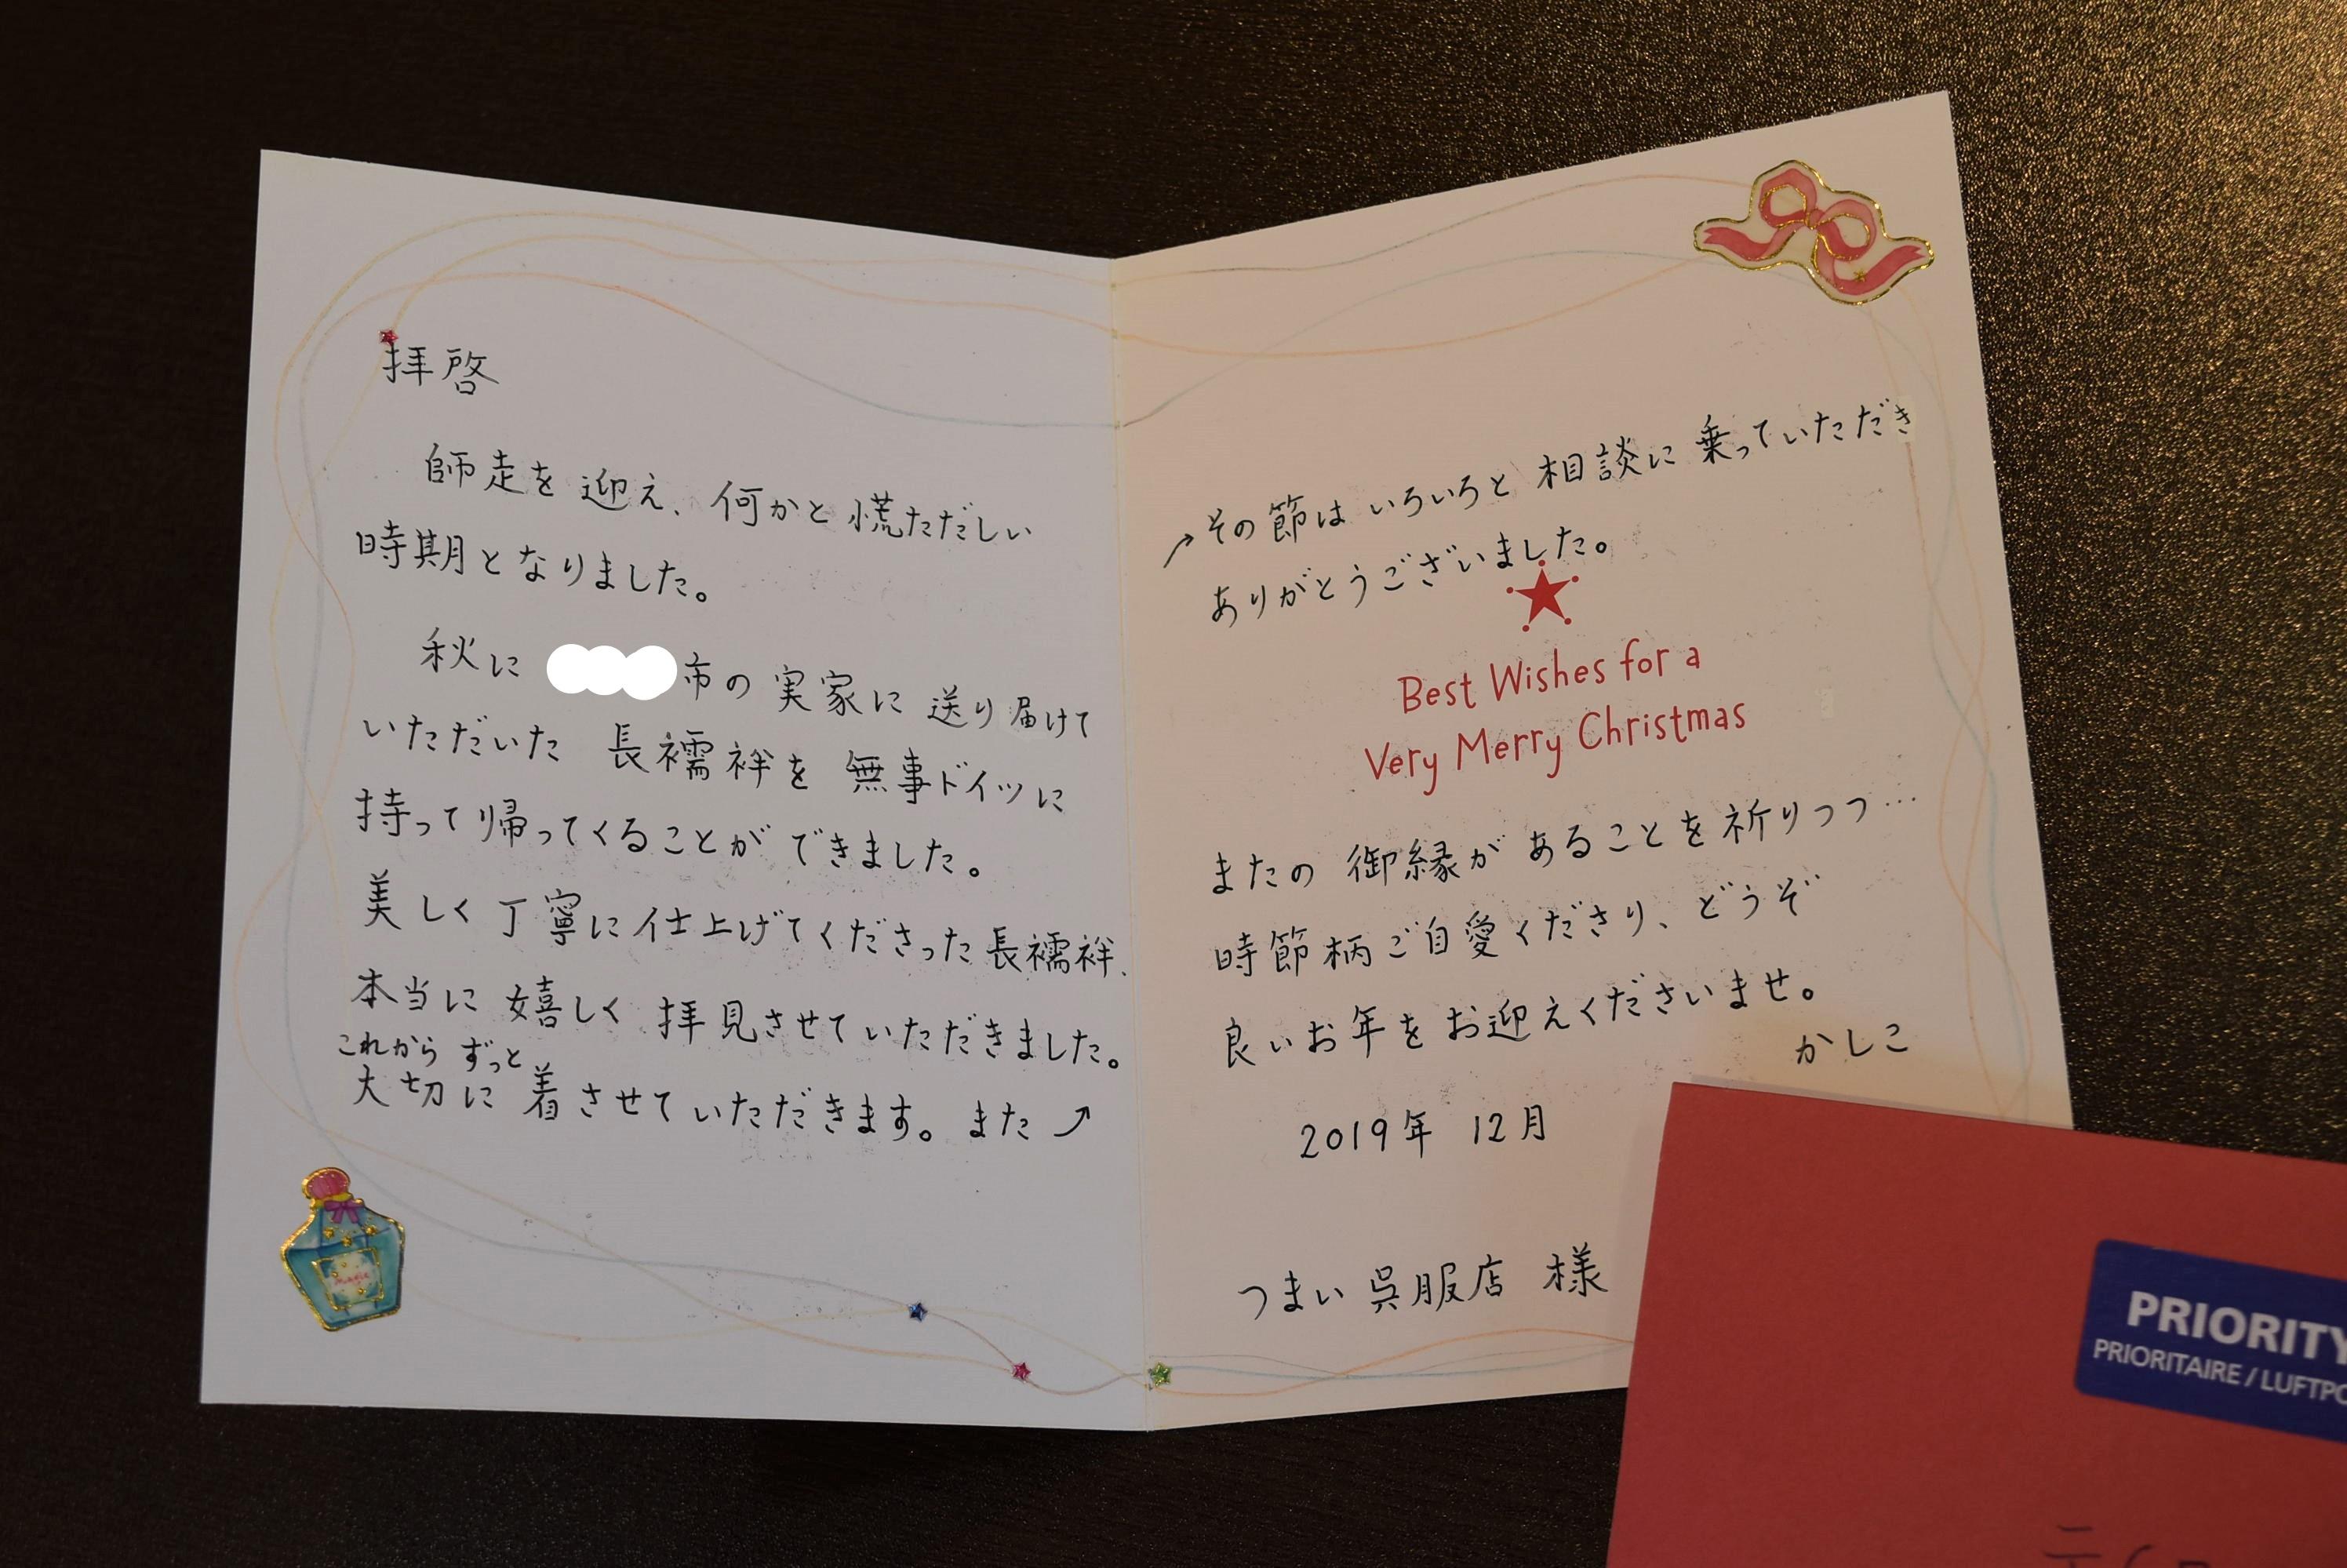 お手紙ありがとうございます。